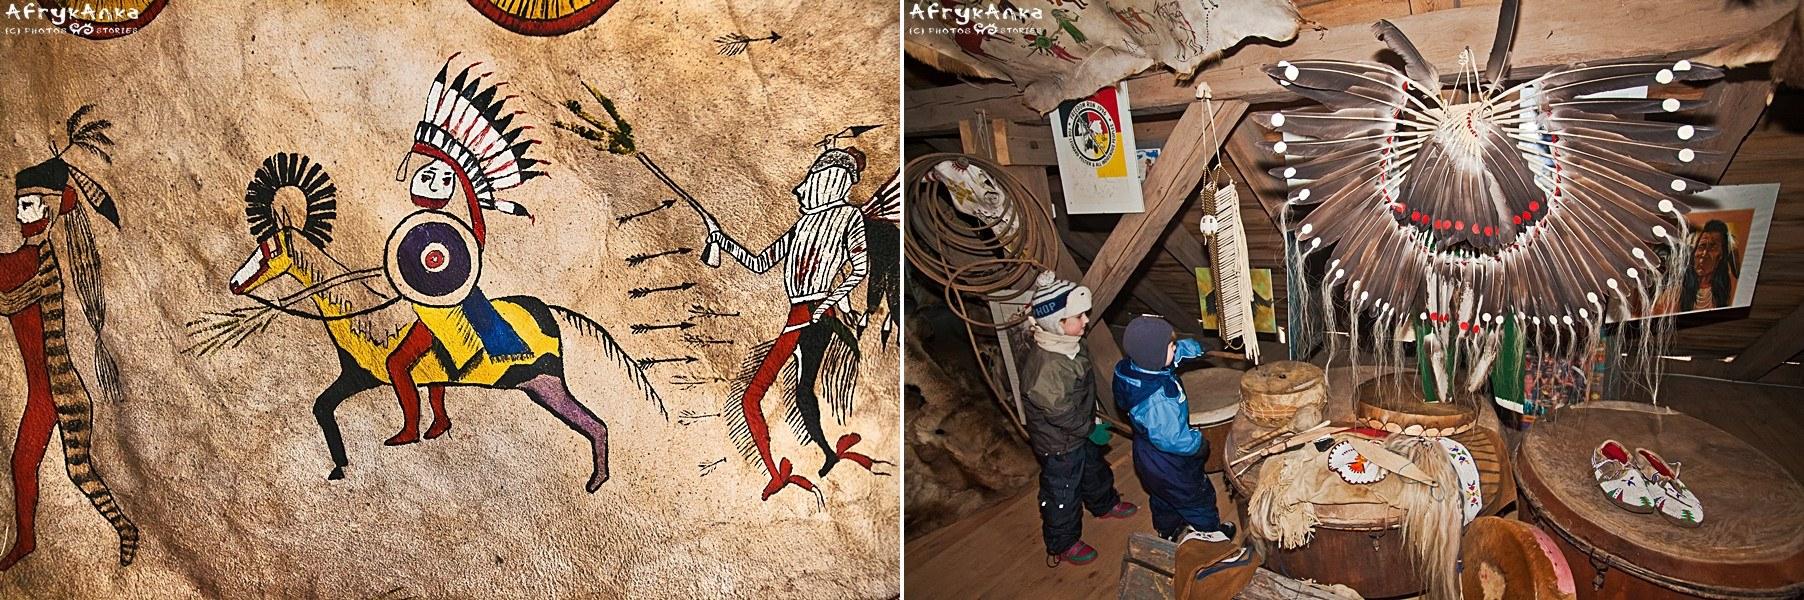 Świat Indian i Eskimosów w muzeum.